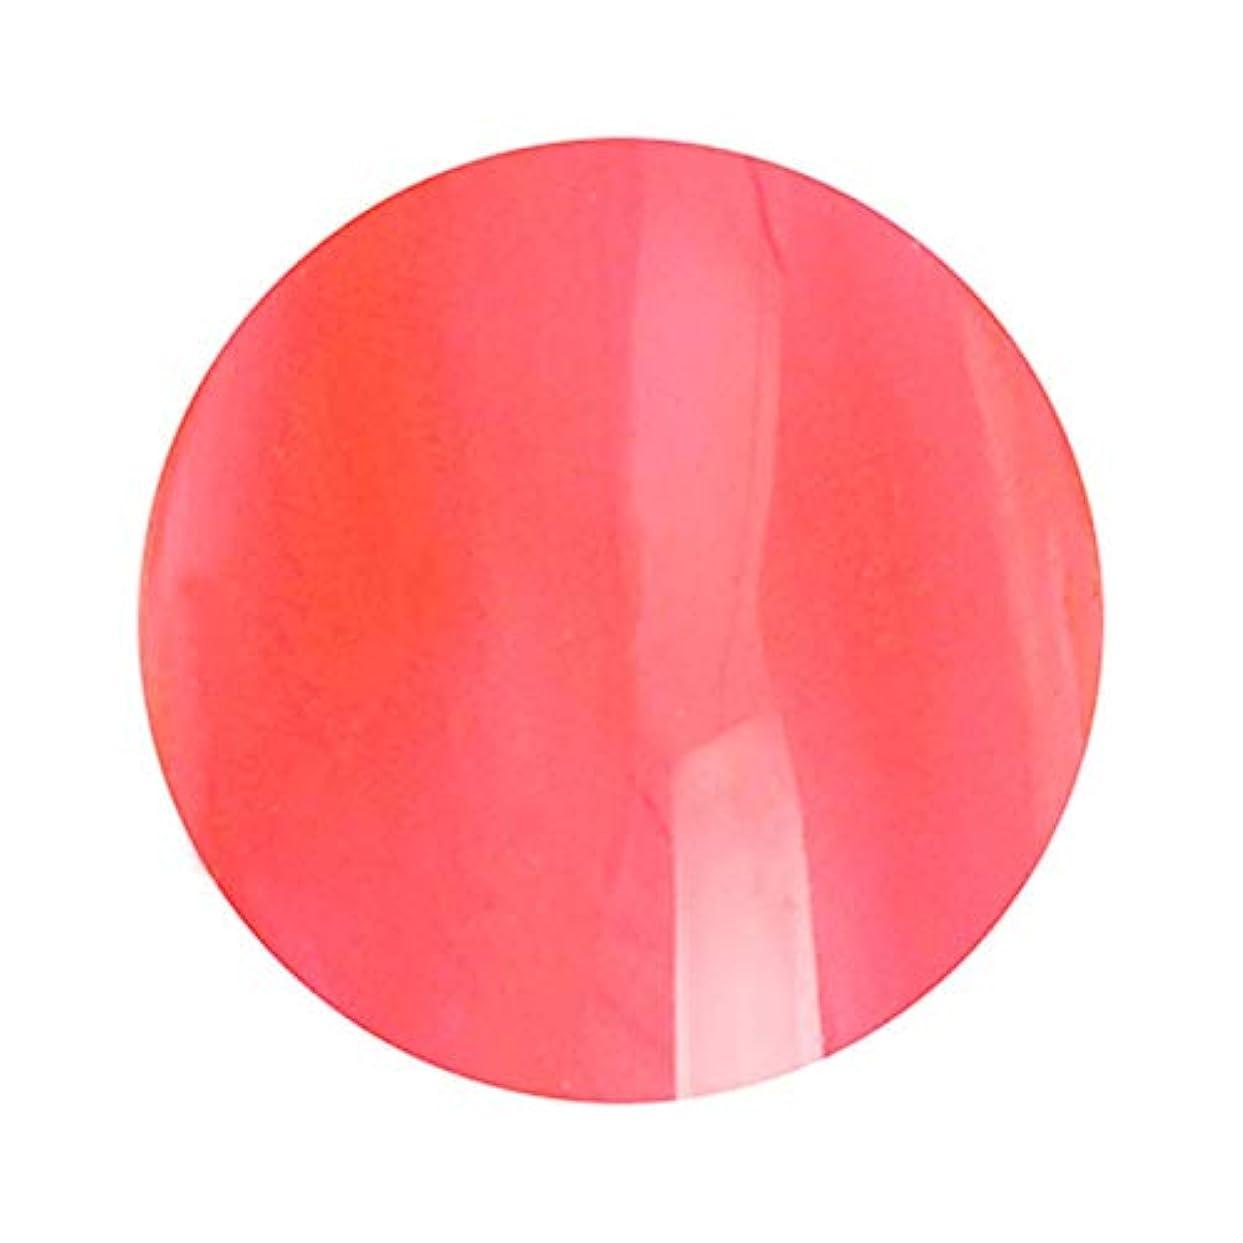 先生ビクター弱いT-GEL COLLECTION ティージェルコレクション カラージェル D237 クリアレッド 4ml